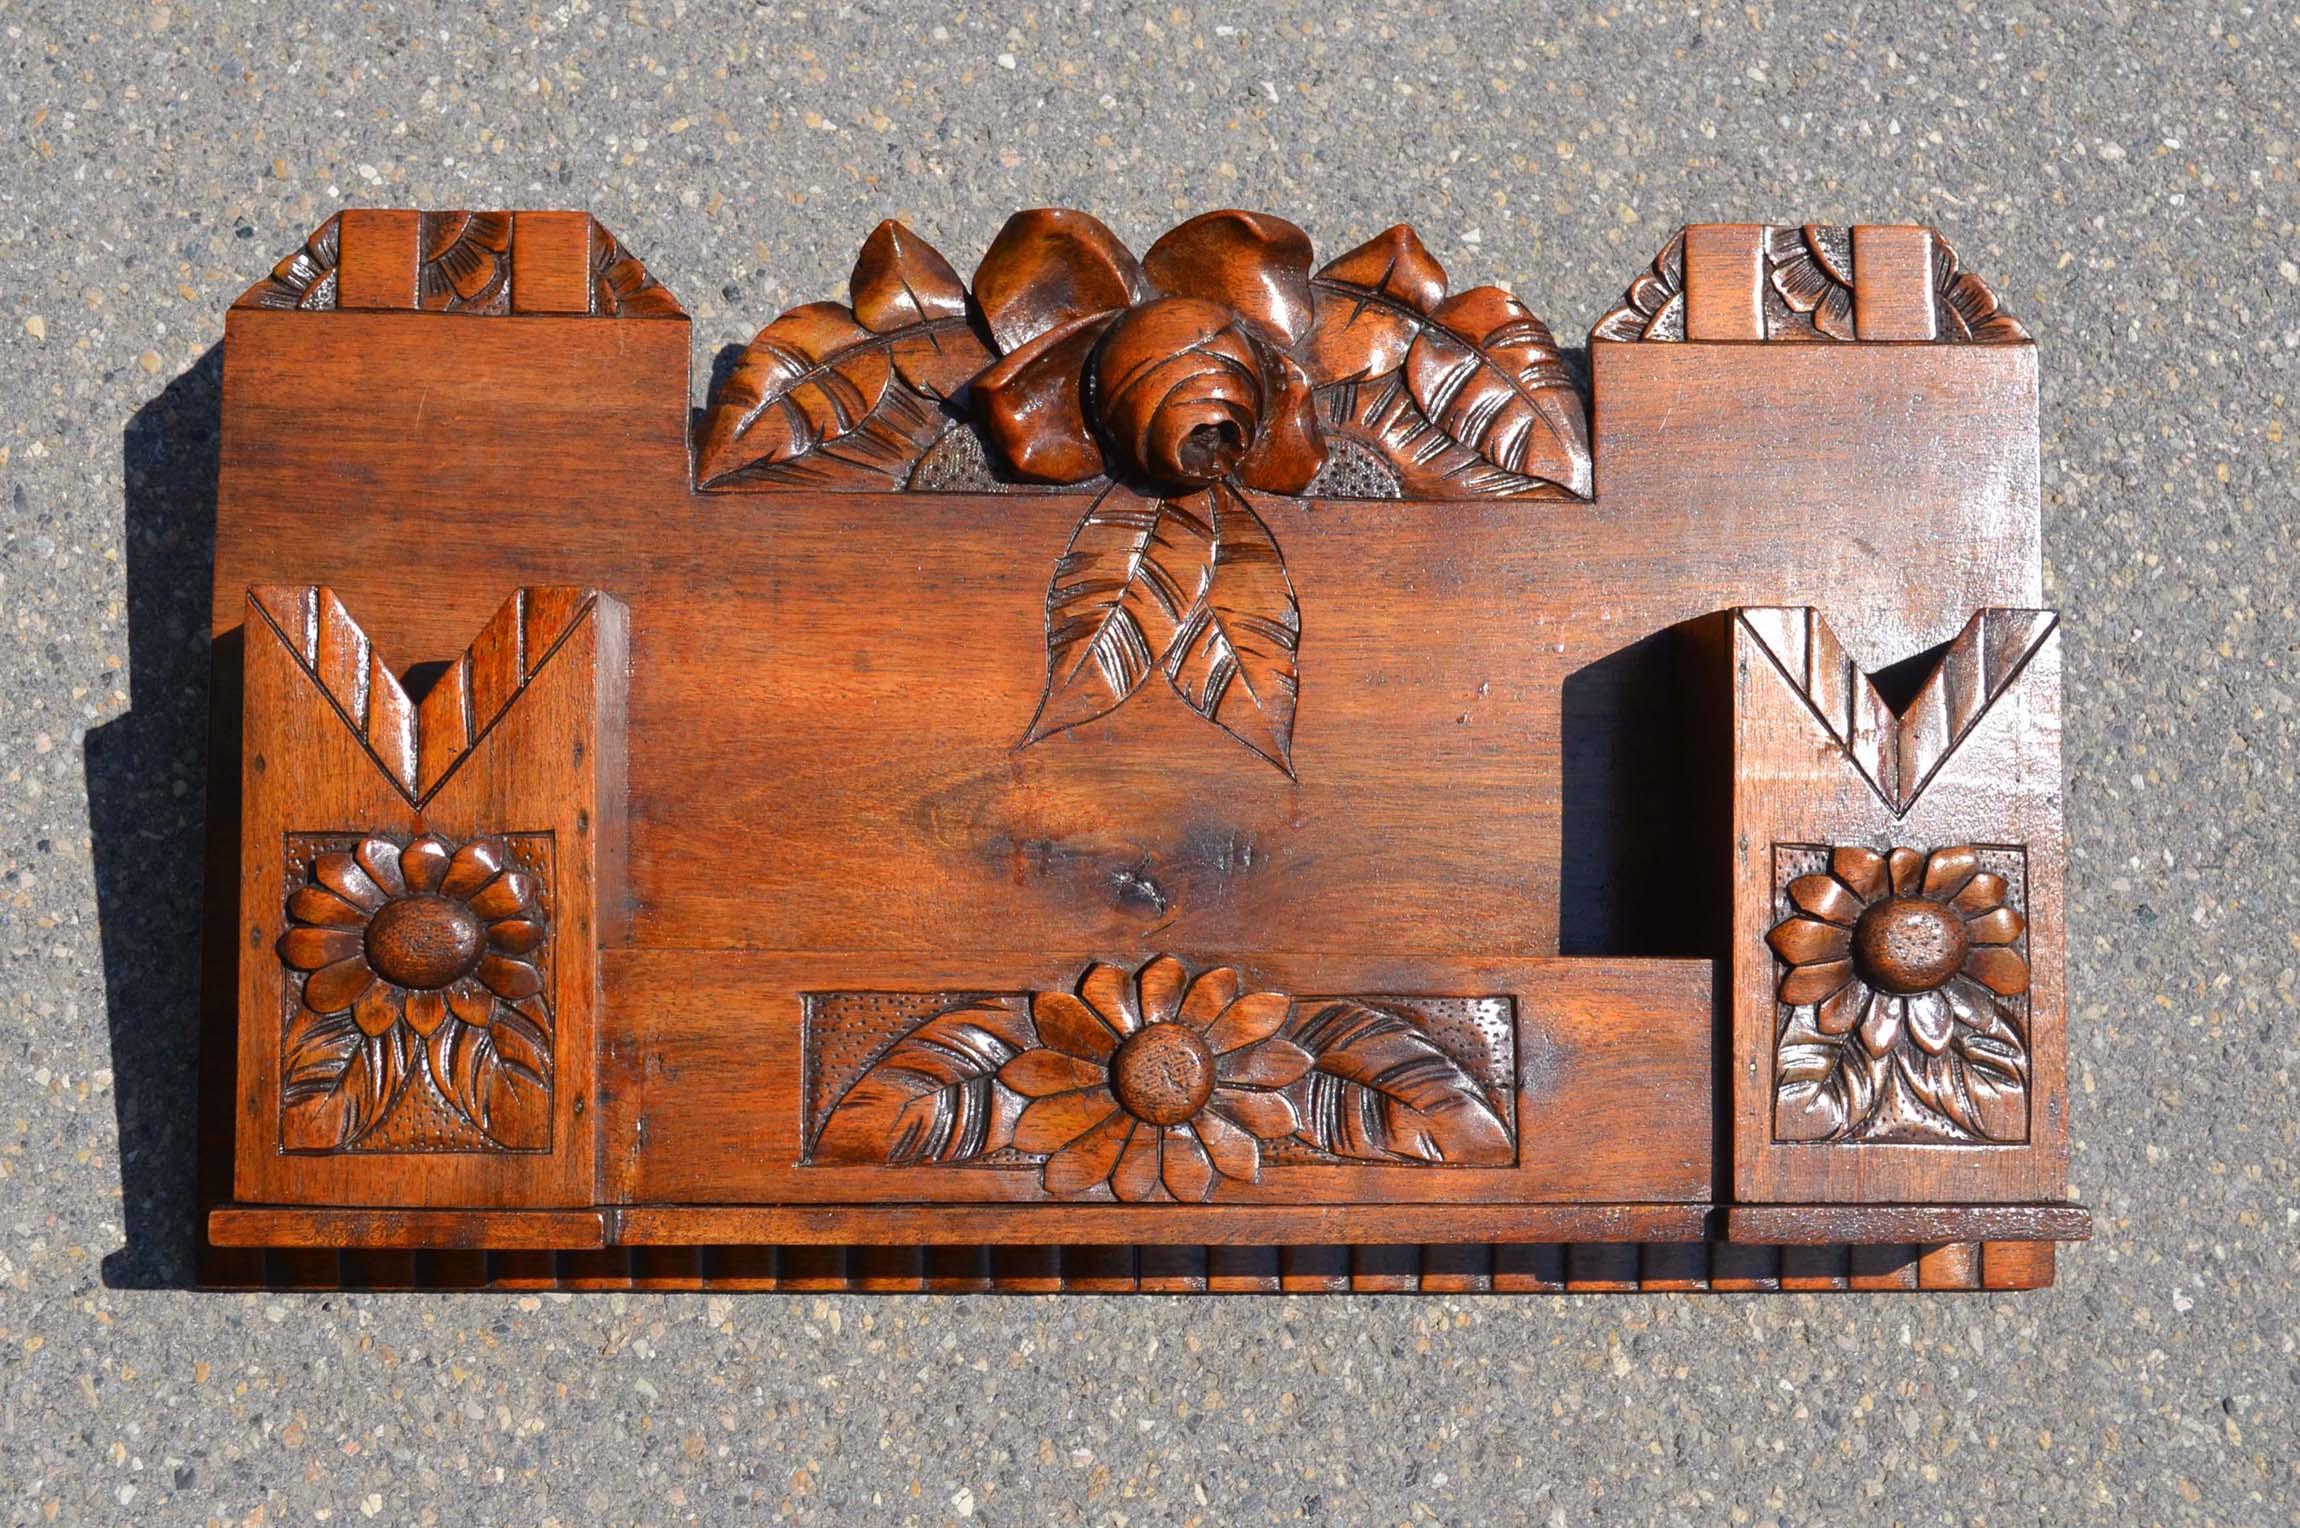 art nouveau 1900 et art d co 1925 40 divers objets r pr sentatifs du style de l 39 poque. Black Bedroom Furniture Sets. Home Design Ideas